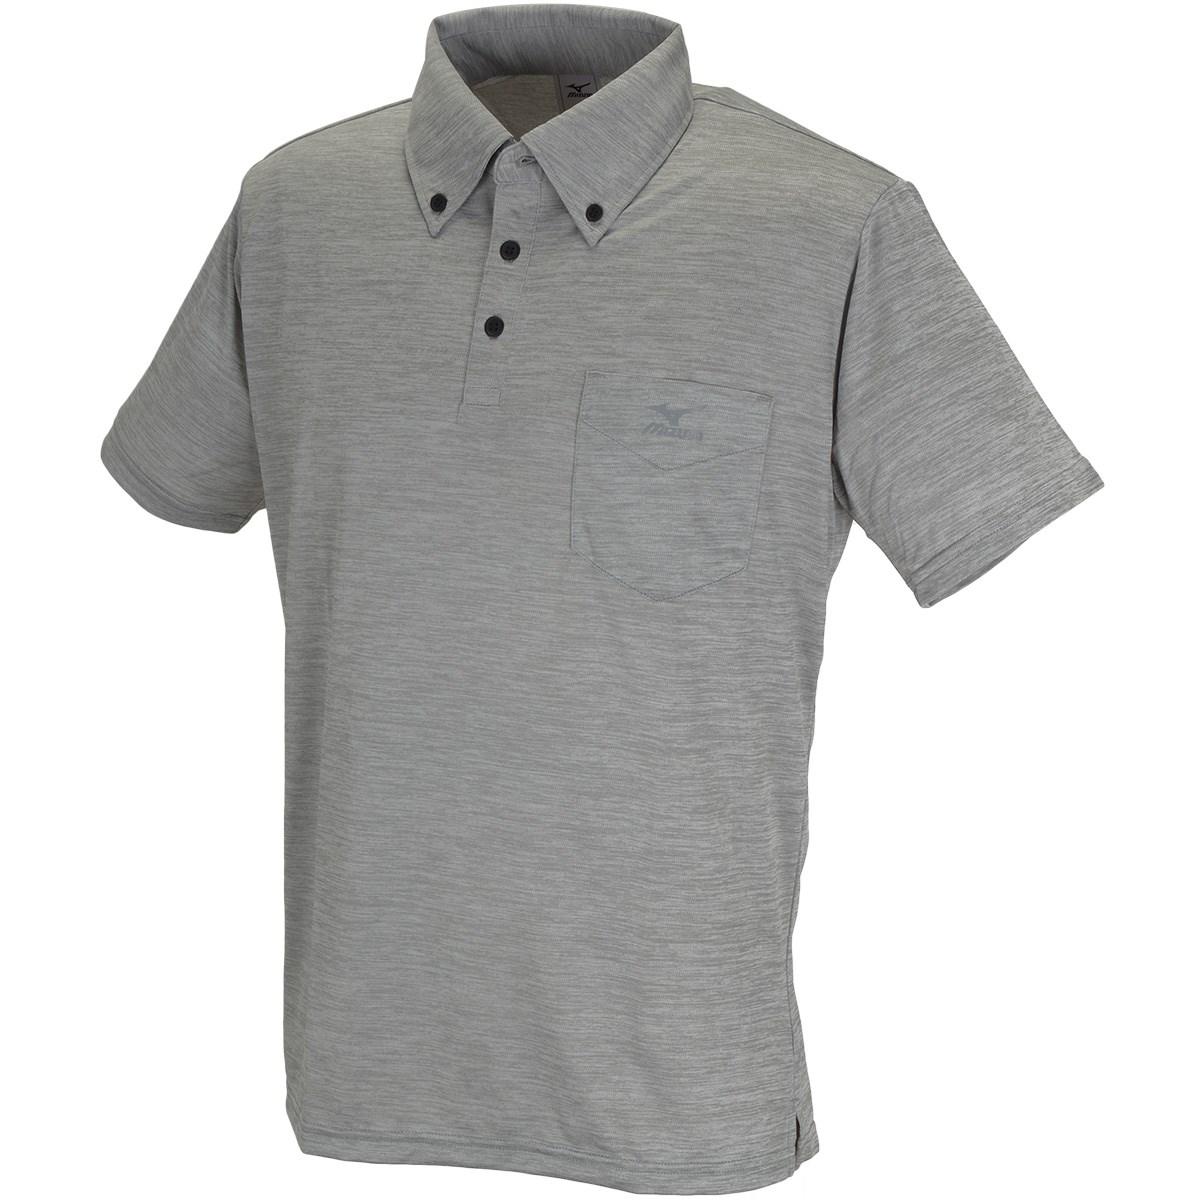 ミズノ(MIZUNO) 杢柄ボタンダウン半袖ポロシャツ